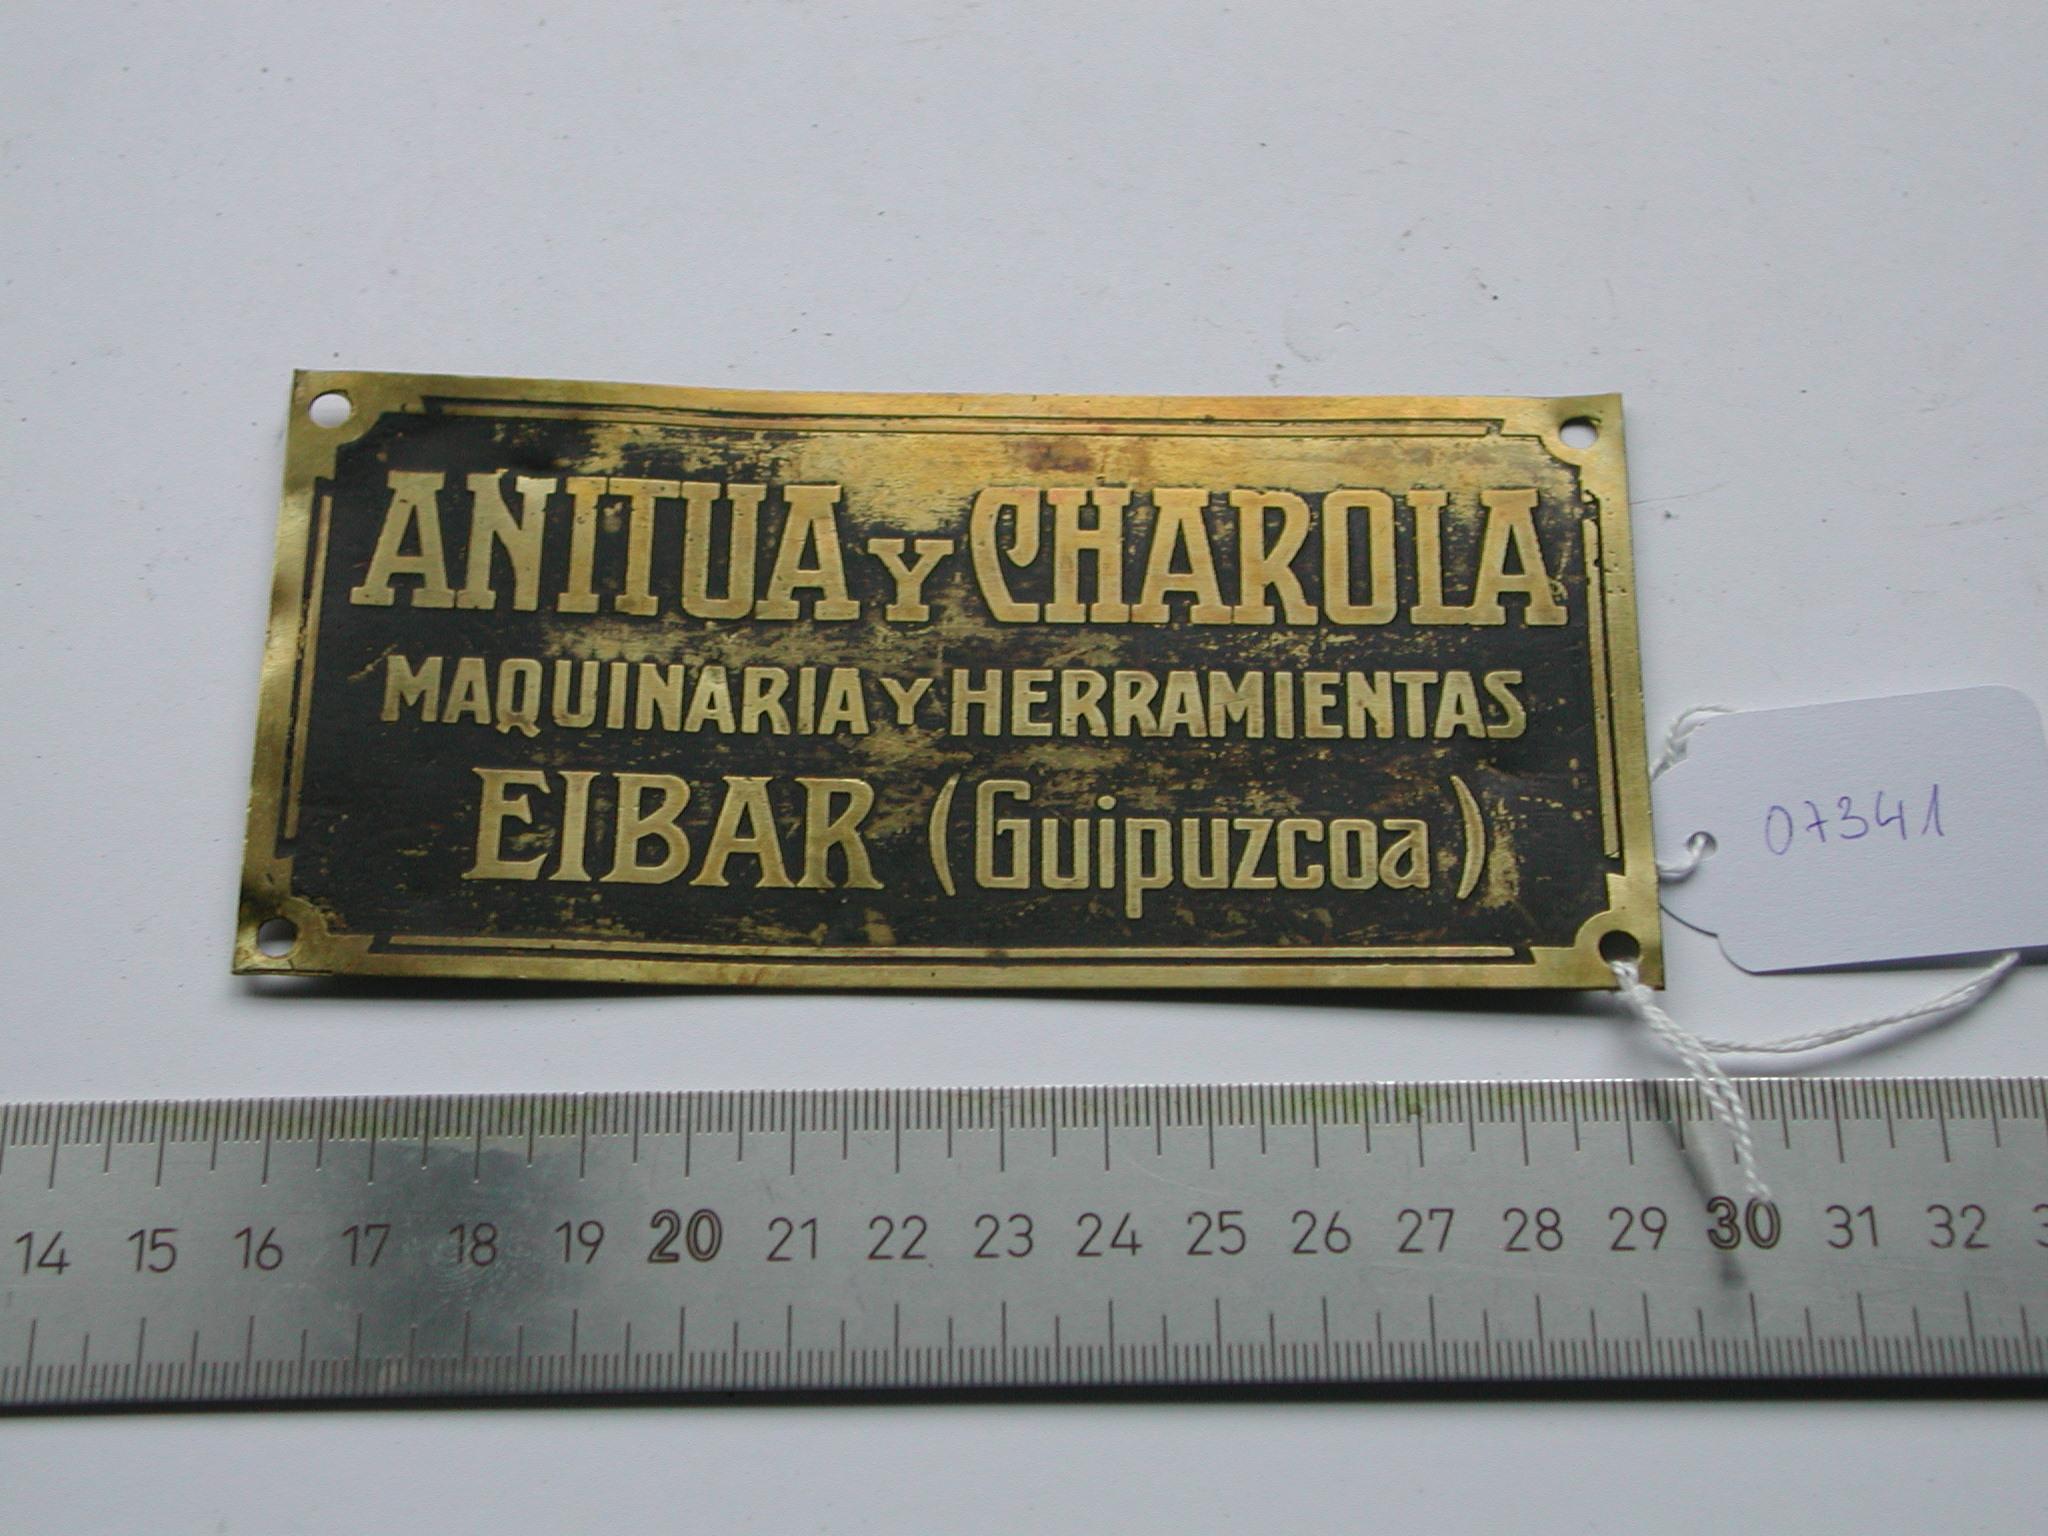 Placa identificativa para maquinaria producida por ANITUA y CHAROLA